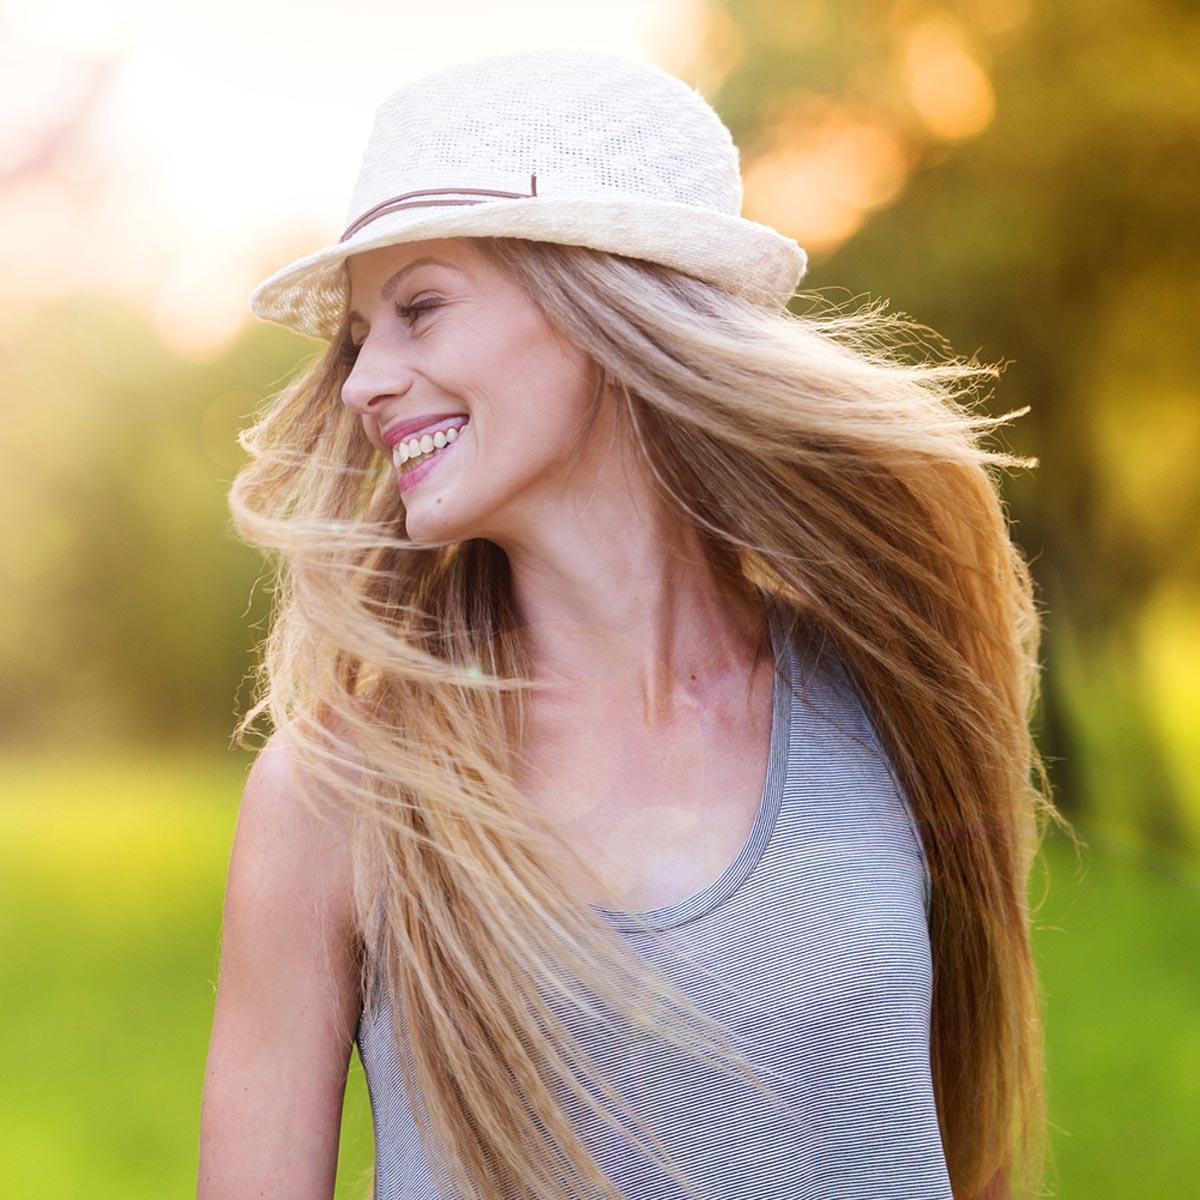 Vlasy, pleť i nehty se potřebují po horkém létě dostat opět do formy. Jak na to radí známá česká bylinkářka Jarmila Podhorná.